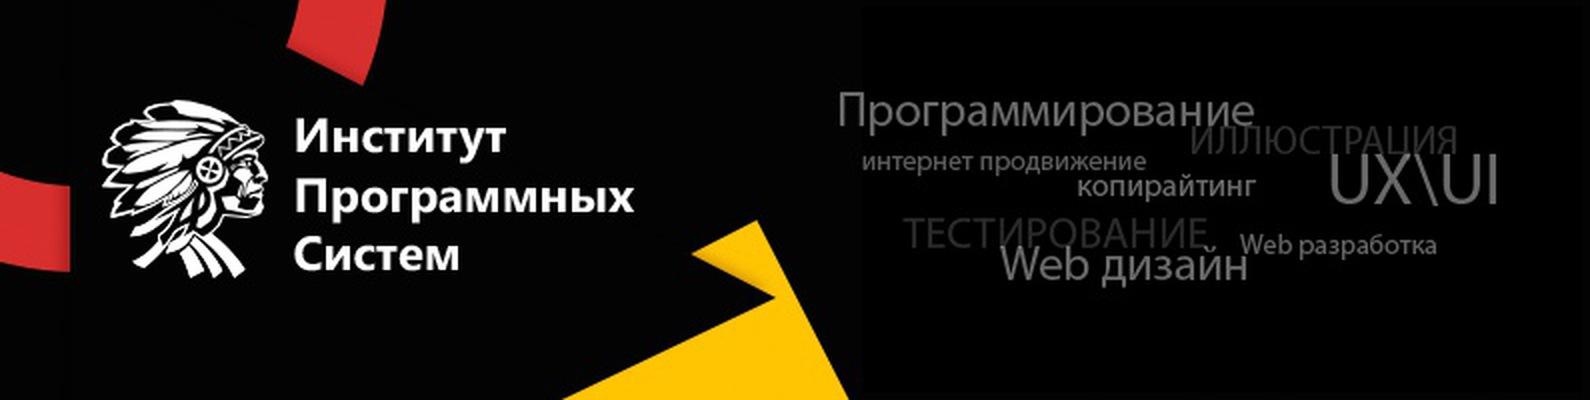 Exstazy бот телеграм Архангельск чем удобрять шмаль